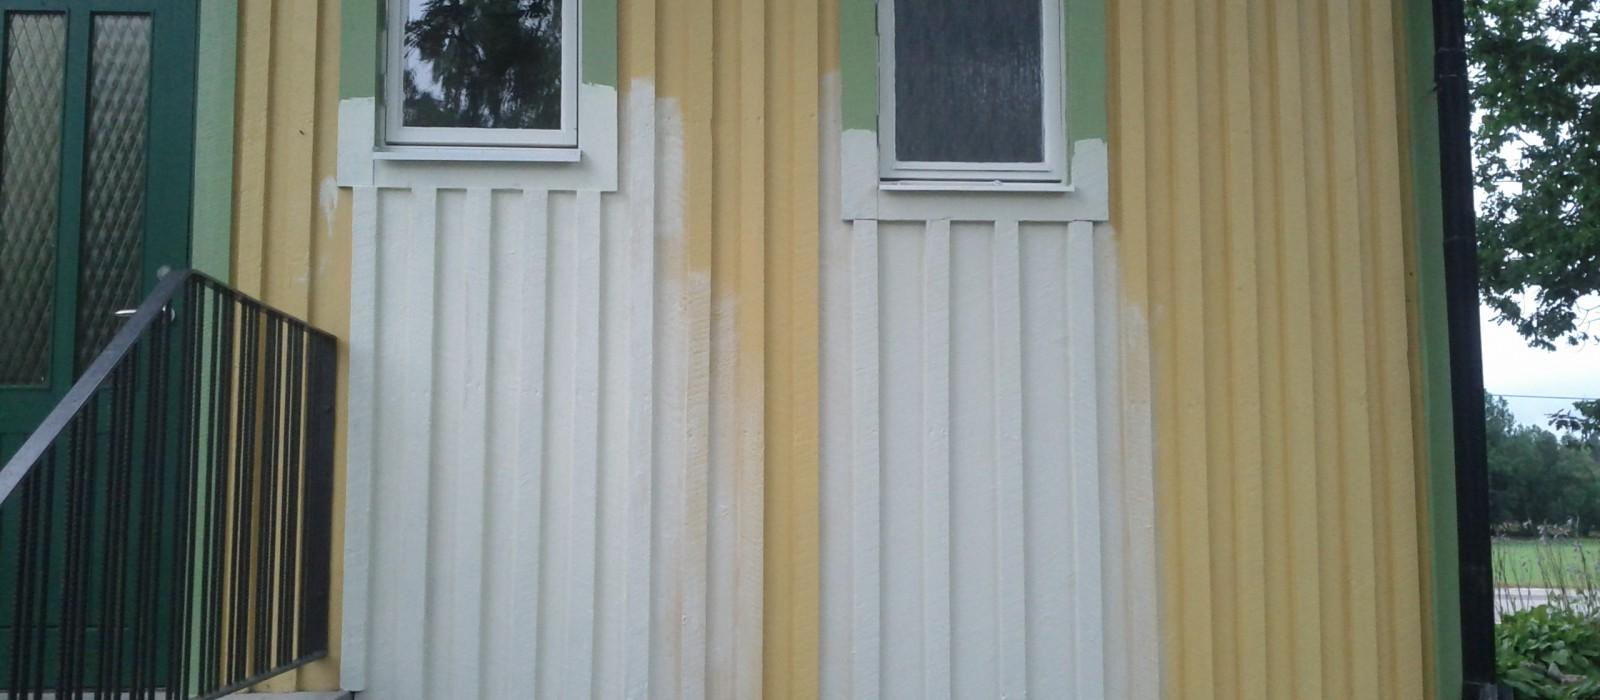 http://www.dagdrommar.se/wp-content/uploads/2014/10/nyanser-av-vitt-1600x700_1.jpg